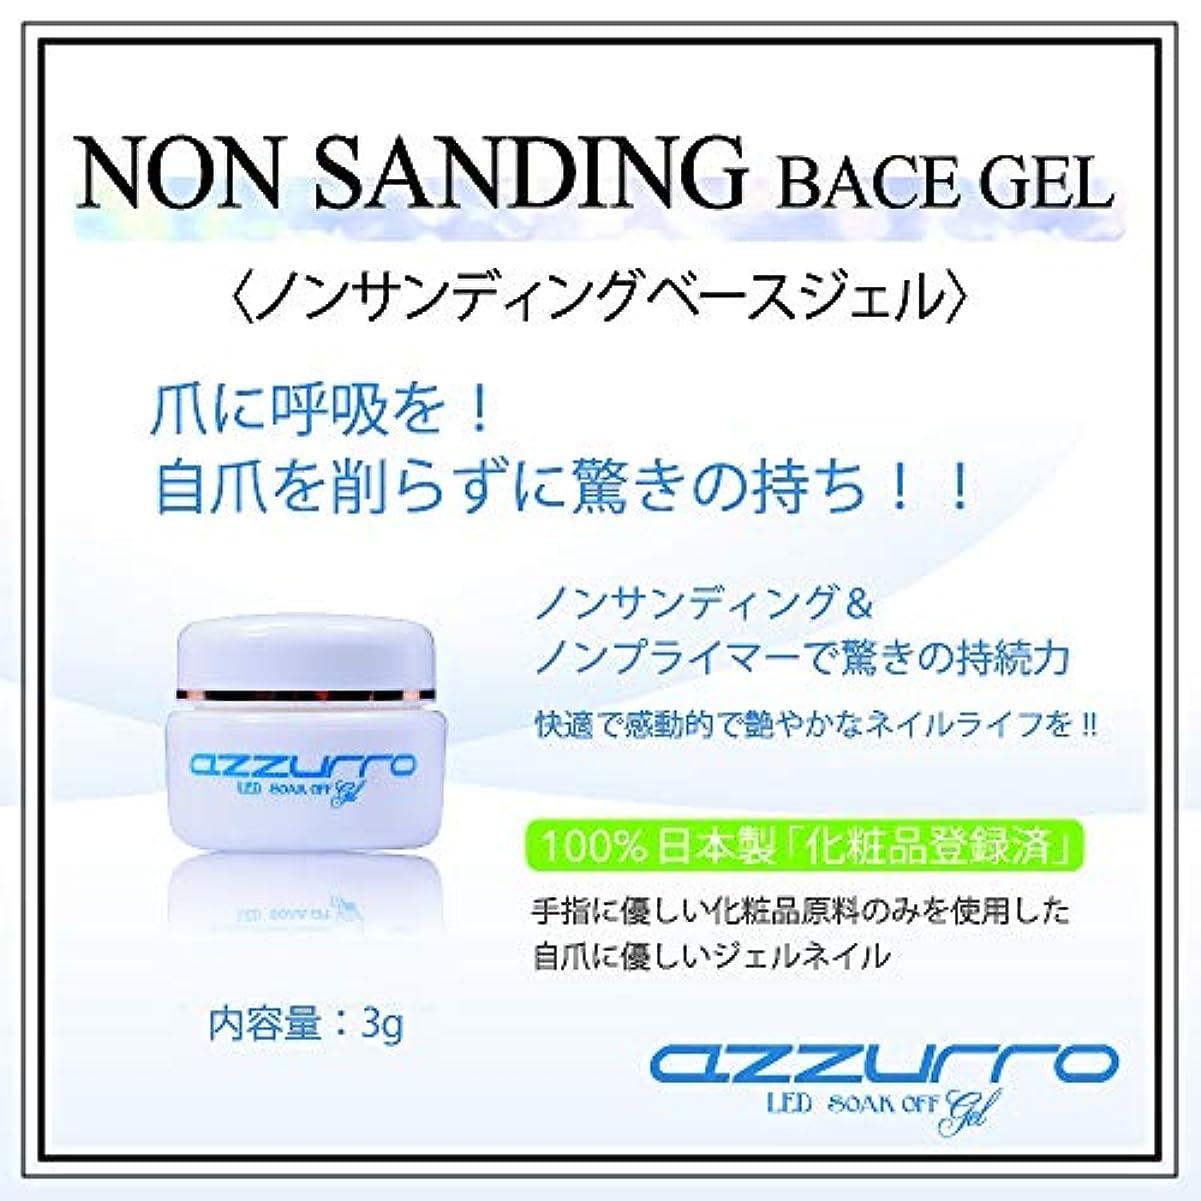 azzurro gel アッズーロ ノンサンディング ベースジェル 削らないのに抜群の密着力 リムーバーでオフも簡単 3g